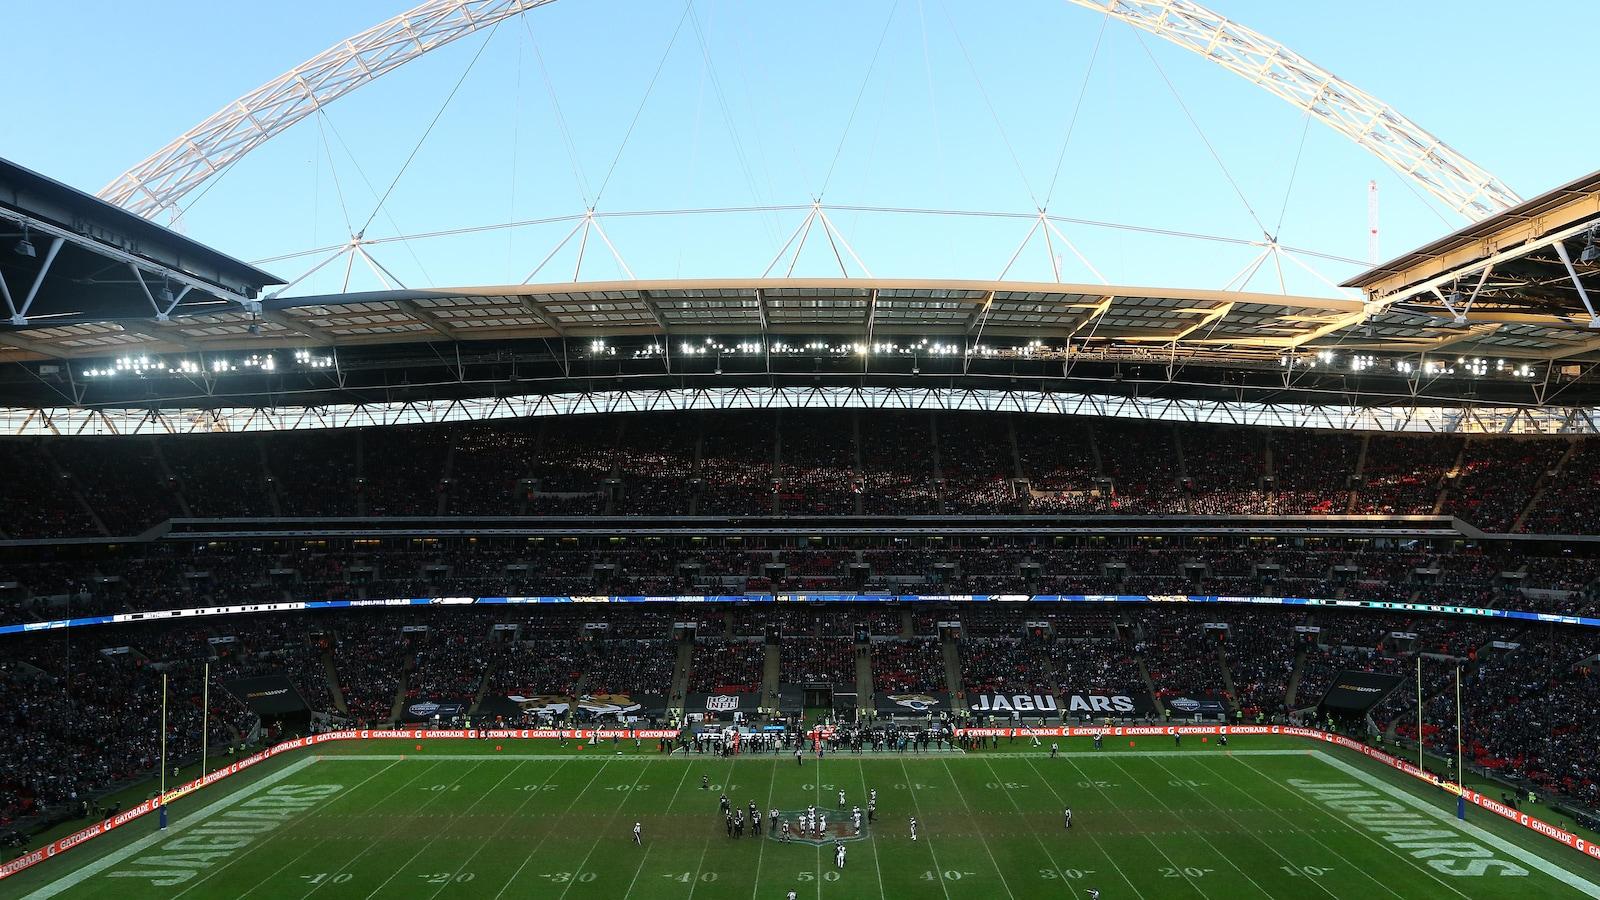 La NFL au stade de Wembley à Londres